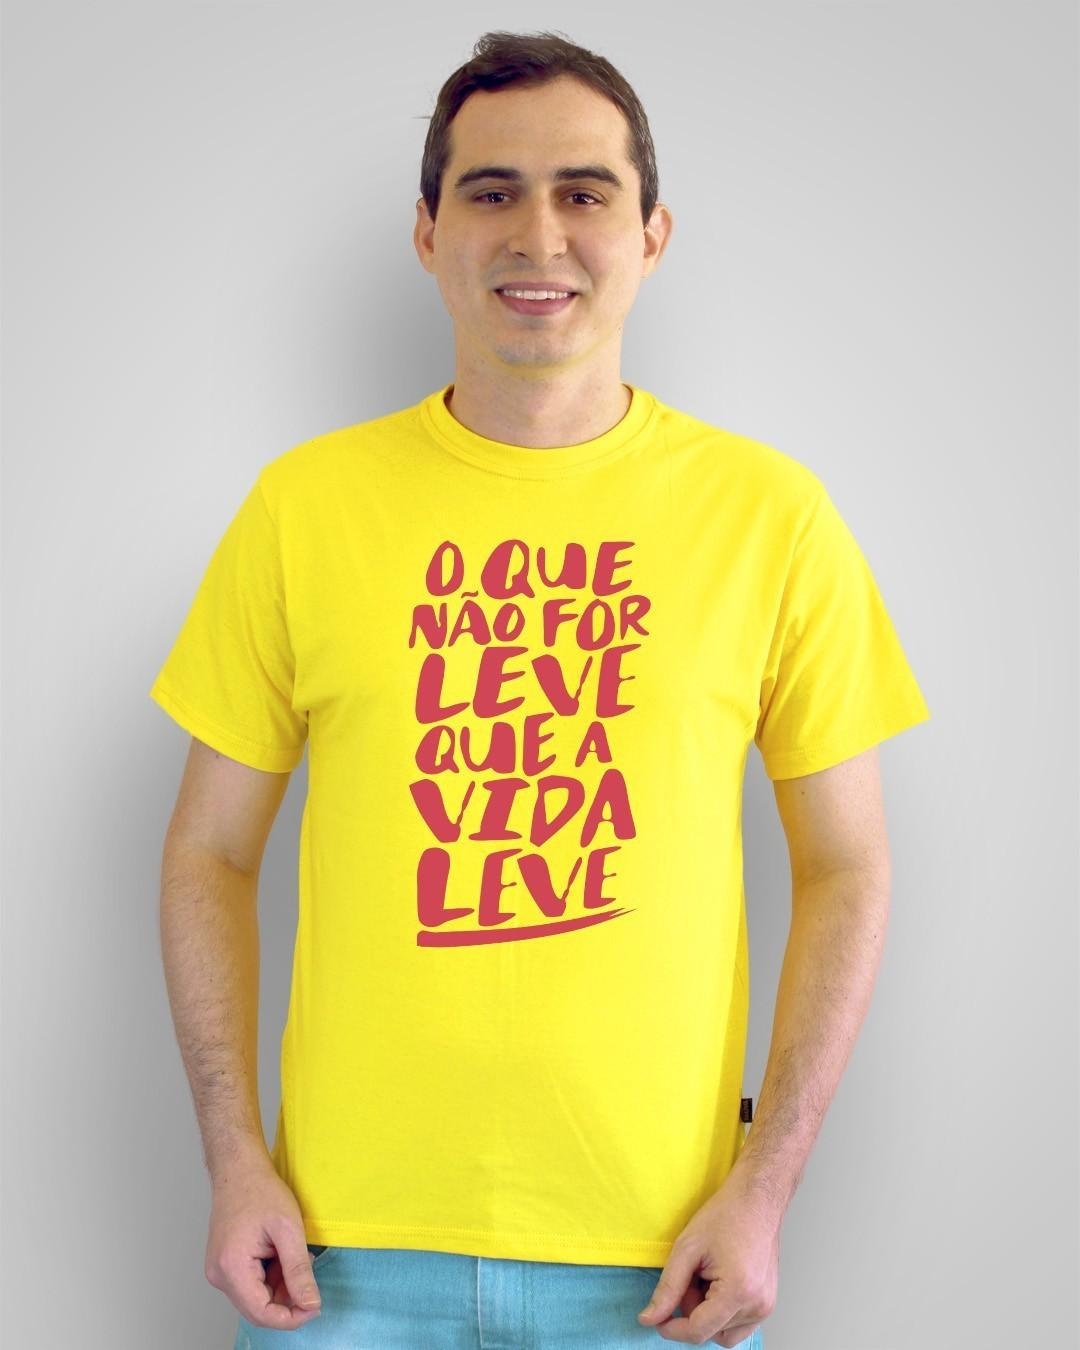 Camiseta O que não for leve, que a vida leve